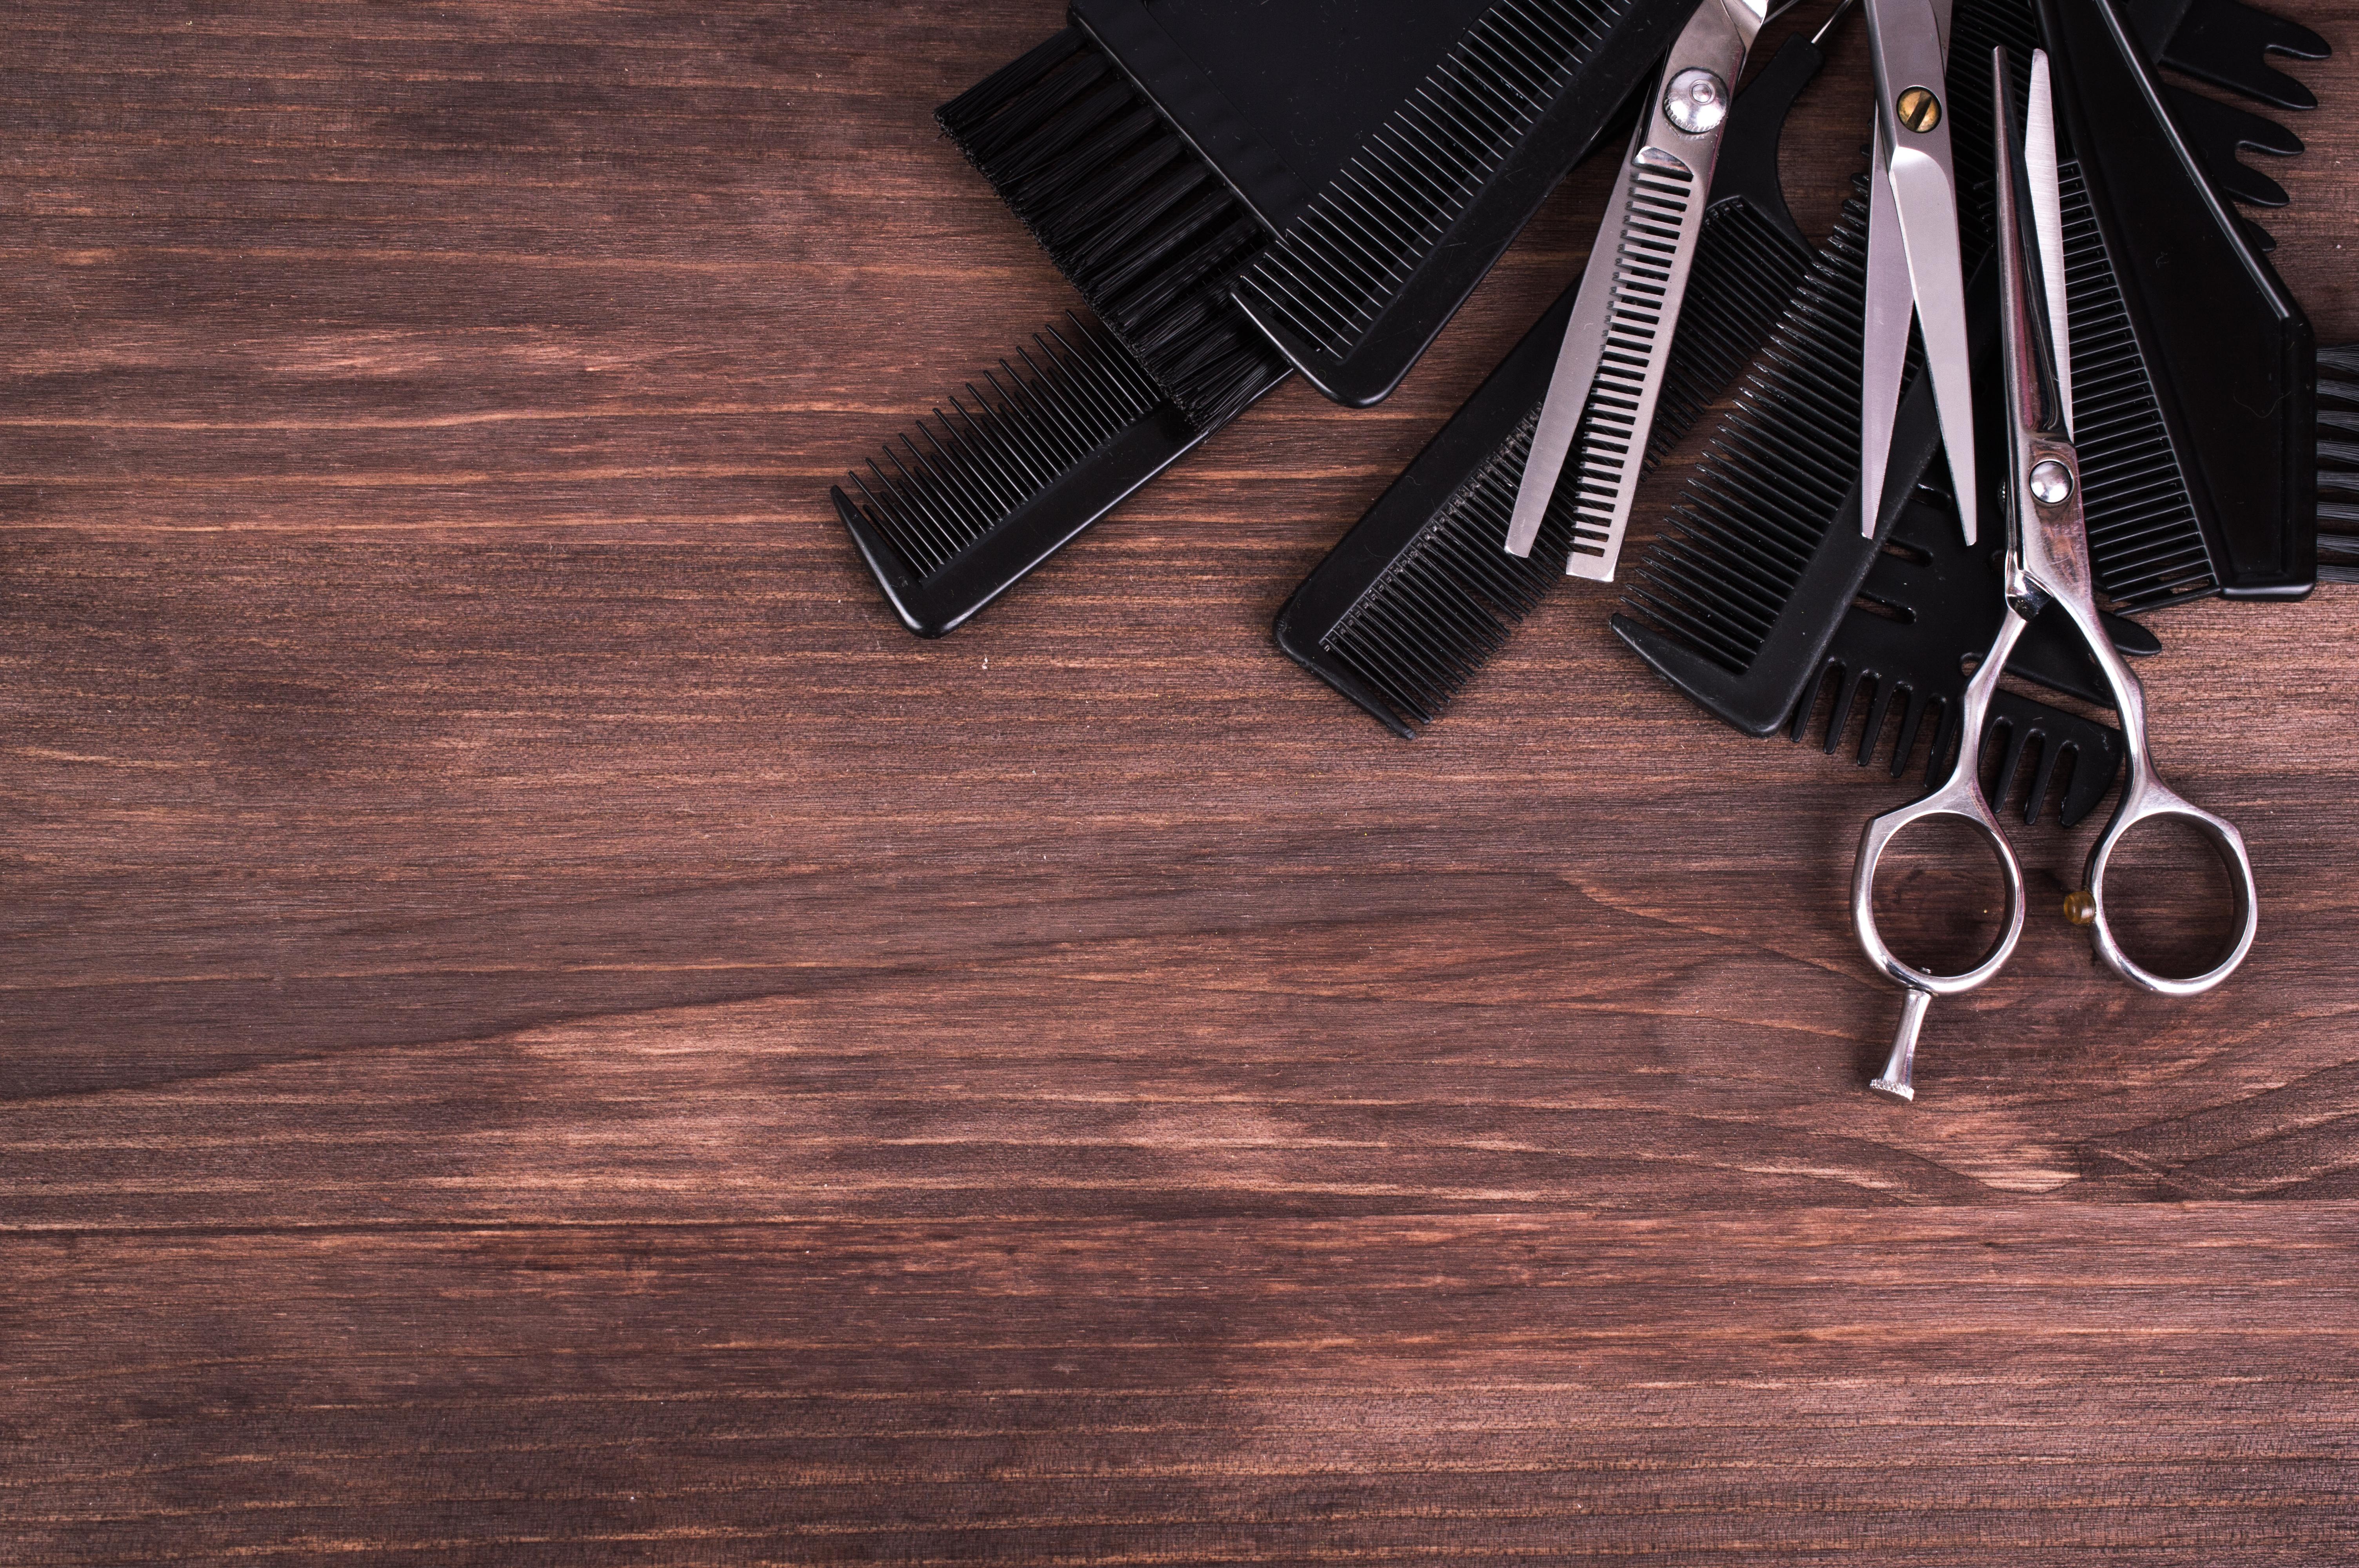 Verktøy for frisører